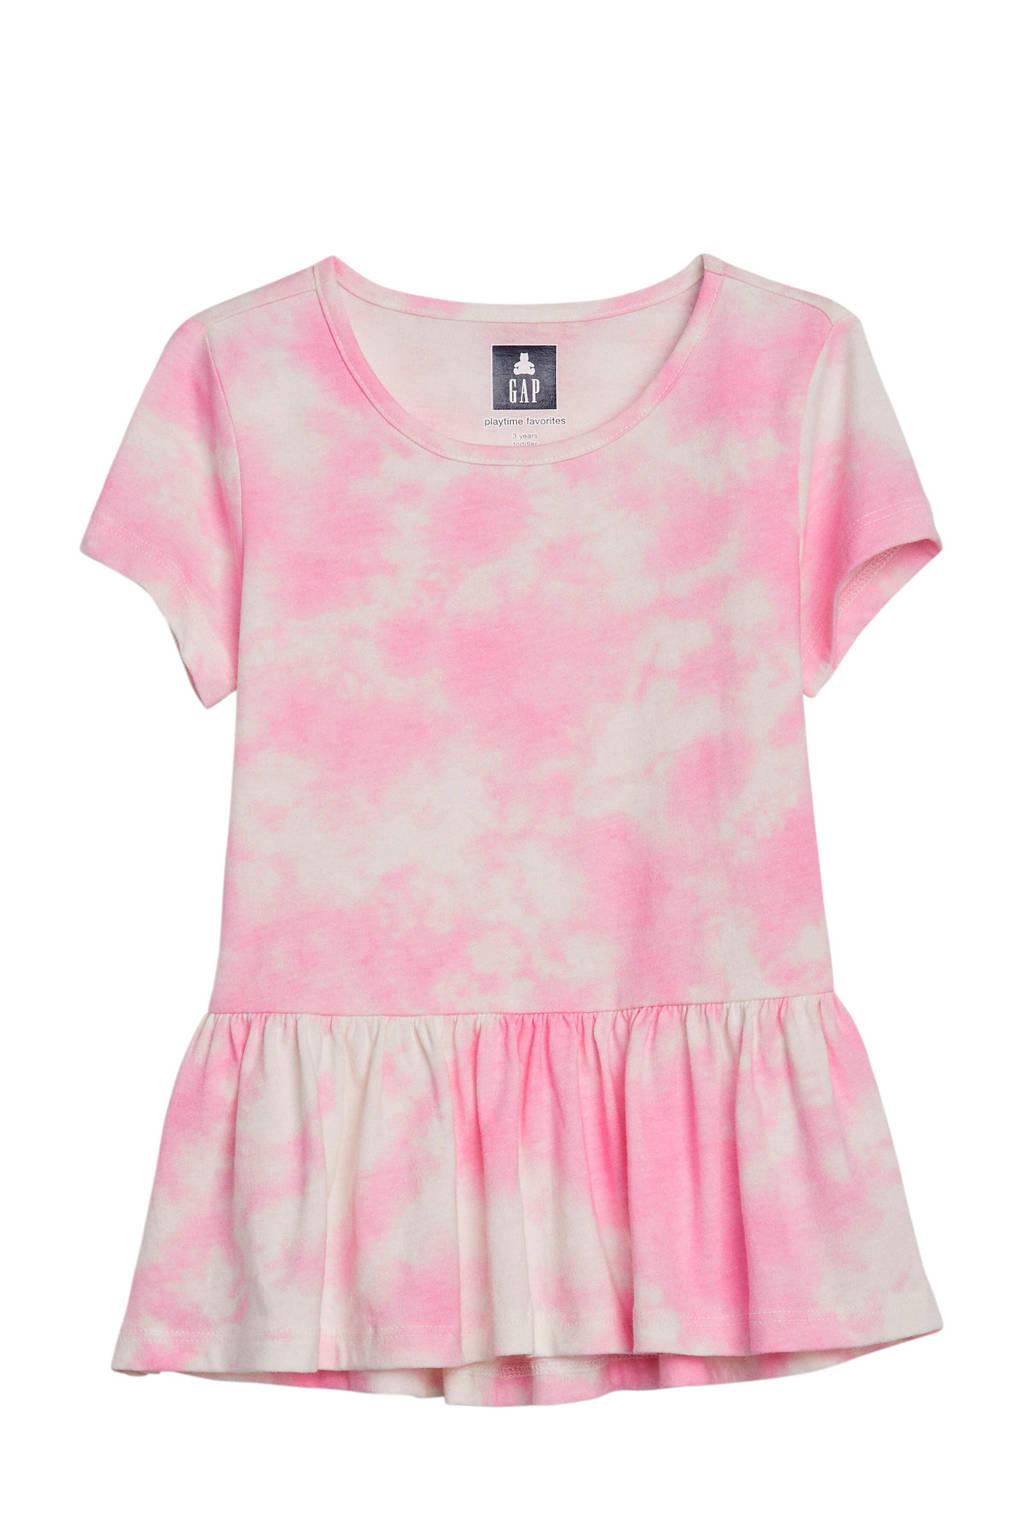 GAP tie-dye peplum T-shirt lichtroze, Lichtroze